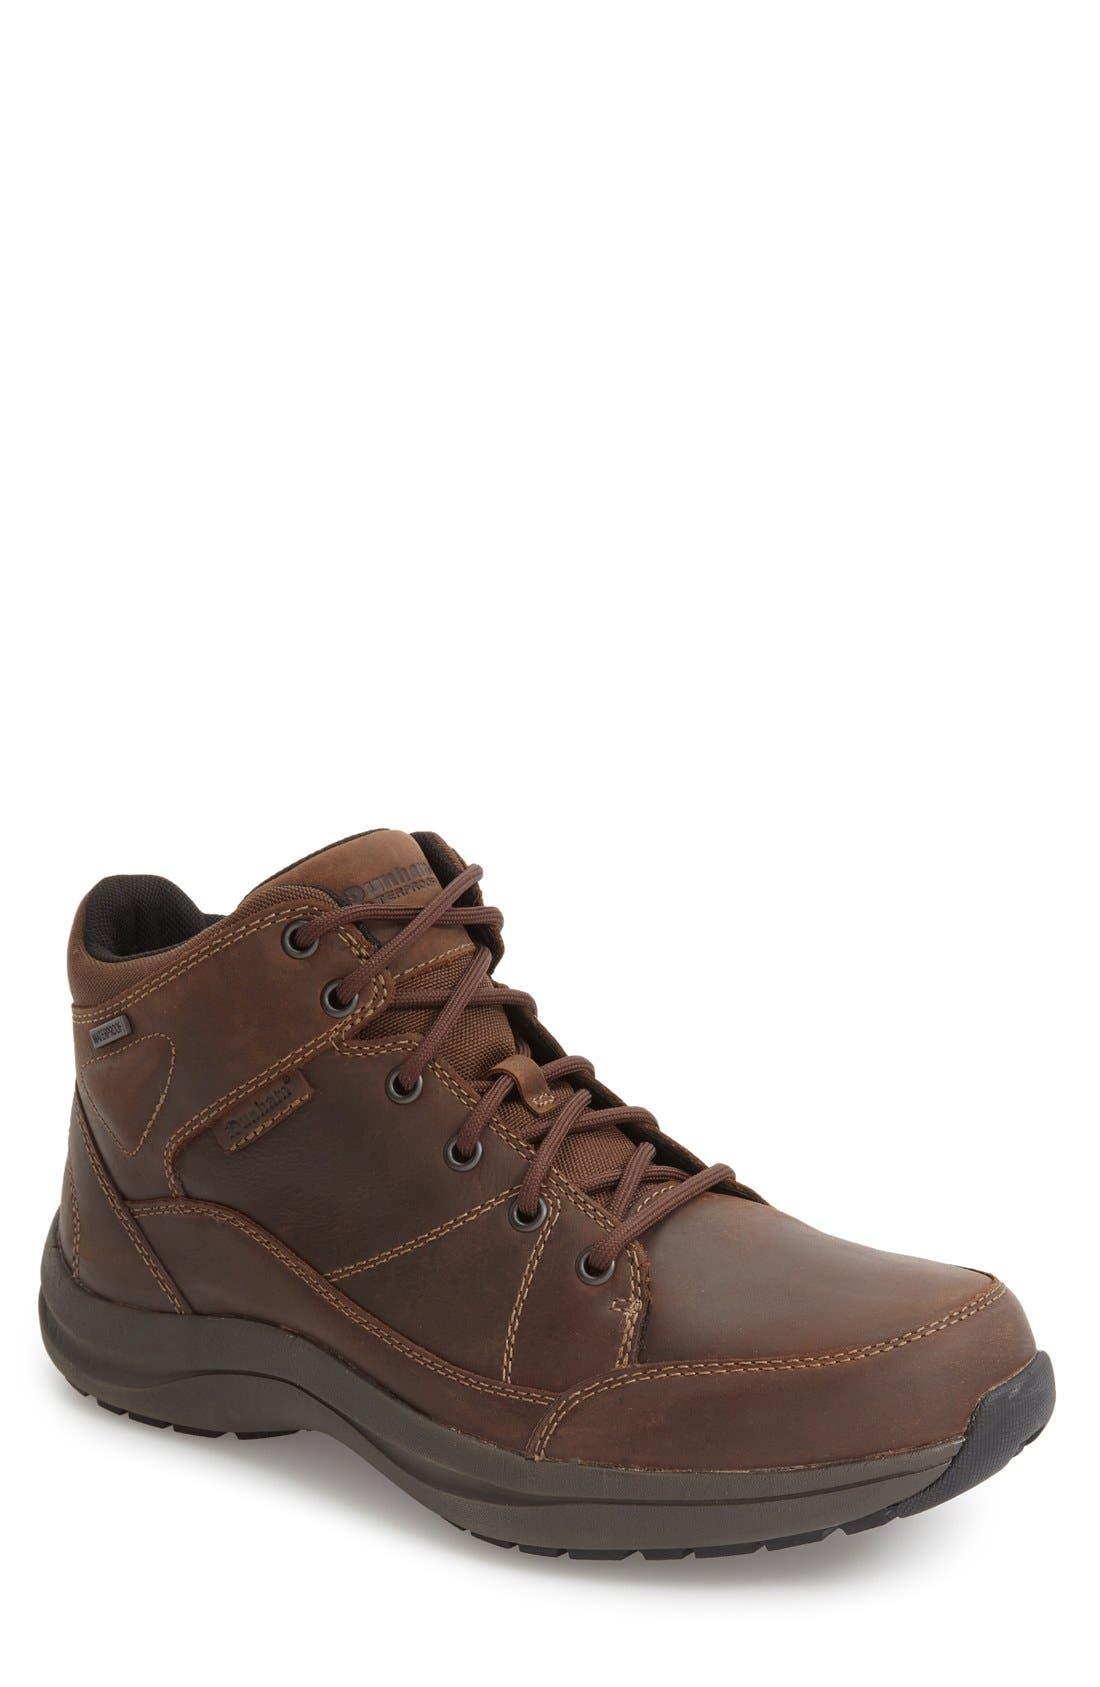 Dunham Simon-Dun Waterproof Boot (Men)